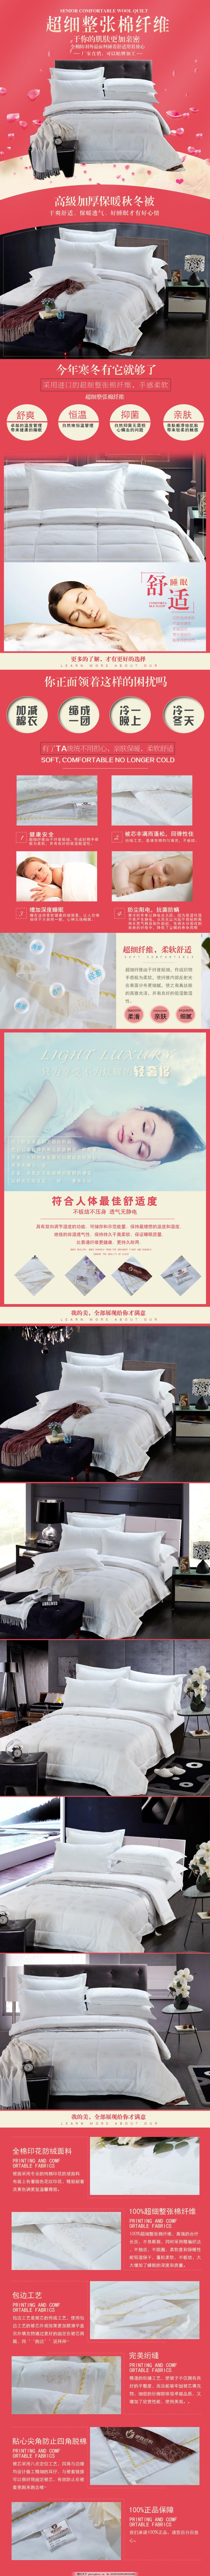 家纺详情页 淘宝素材 淘宝设计 淘宝模板下载 白色